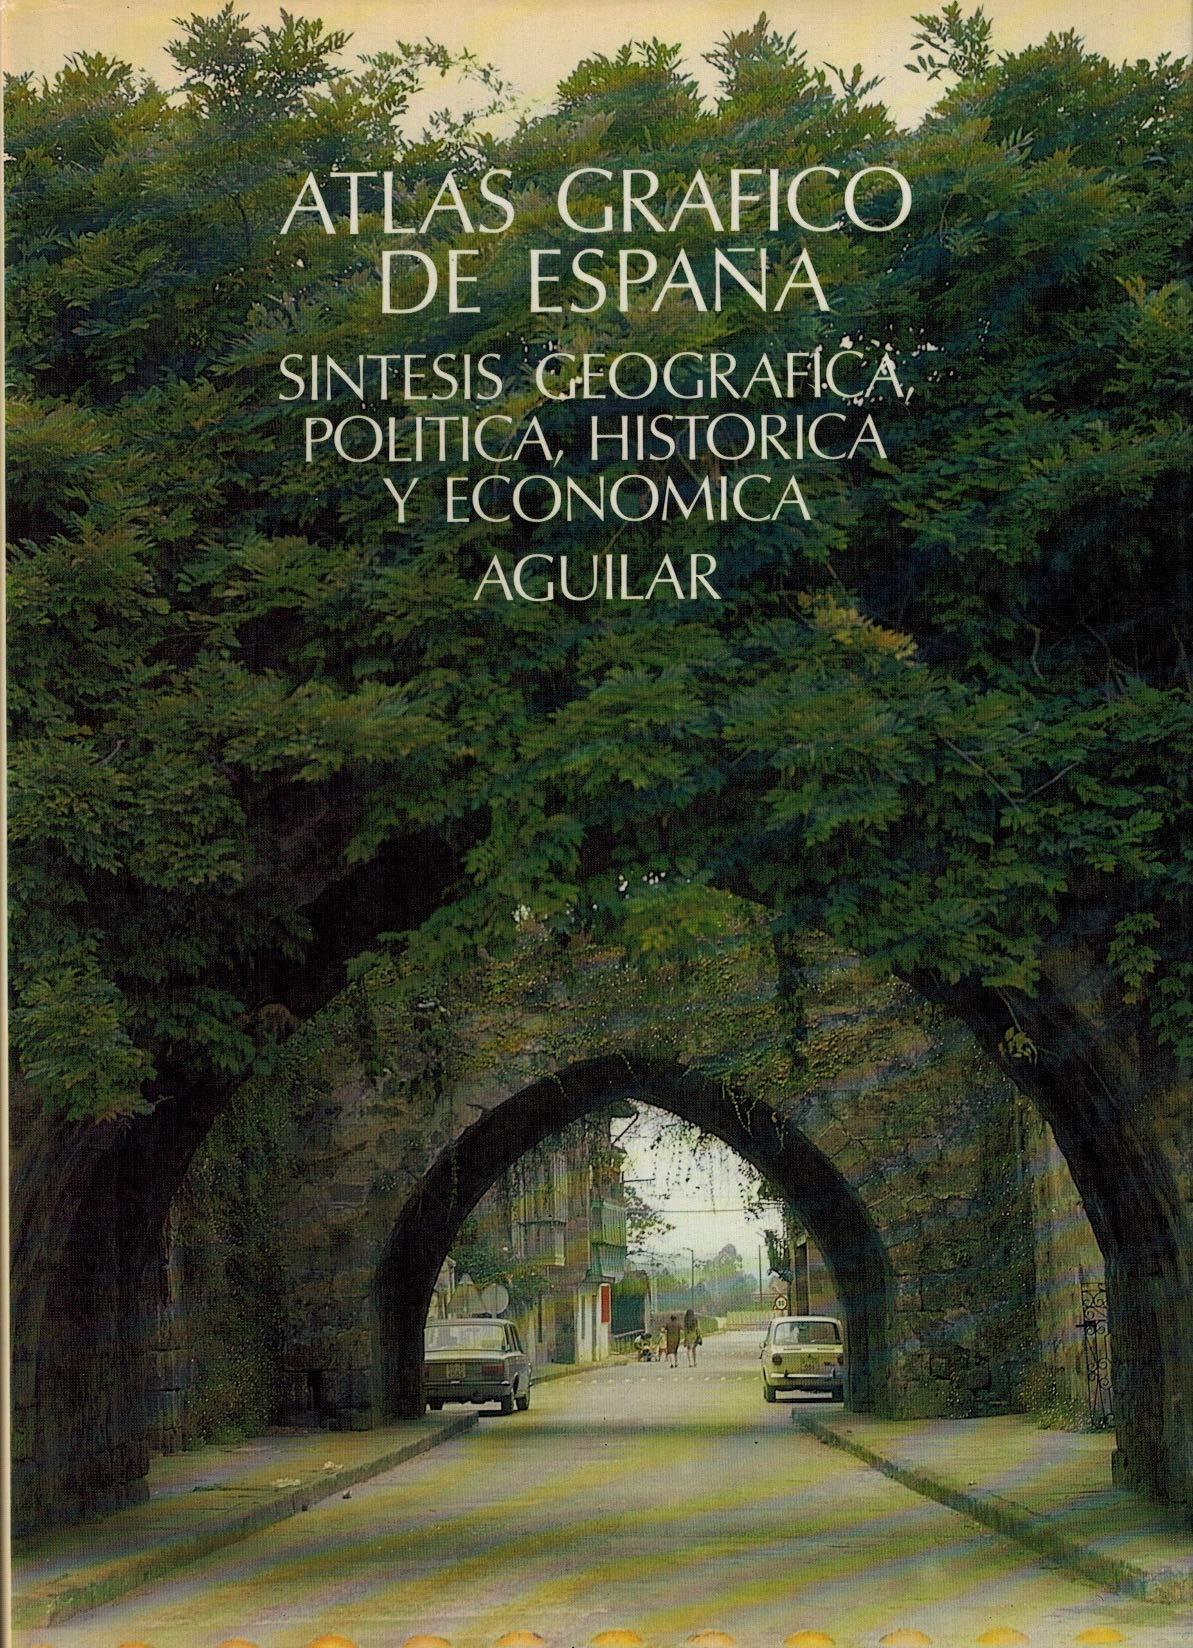 Atlas grafico de España. sintesis geografica, historica y economic: Amazon.es: Tirso Echeandia: Libros